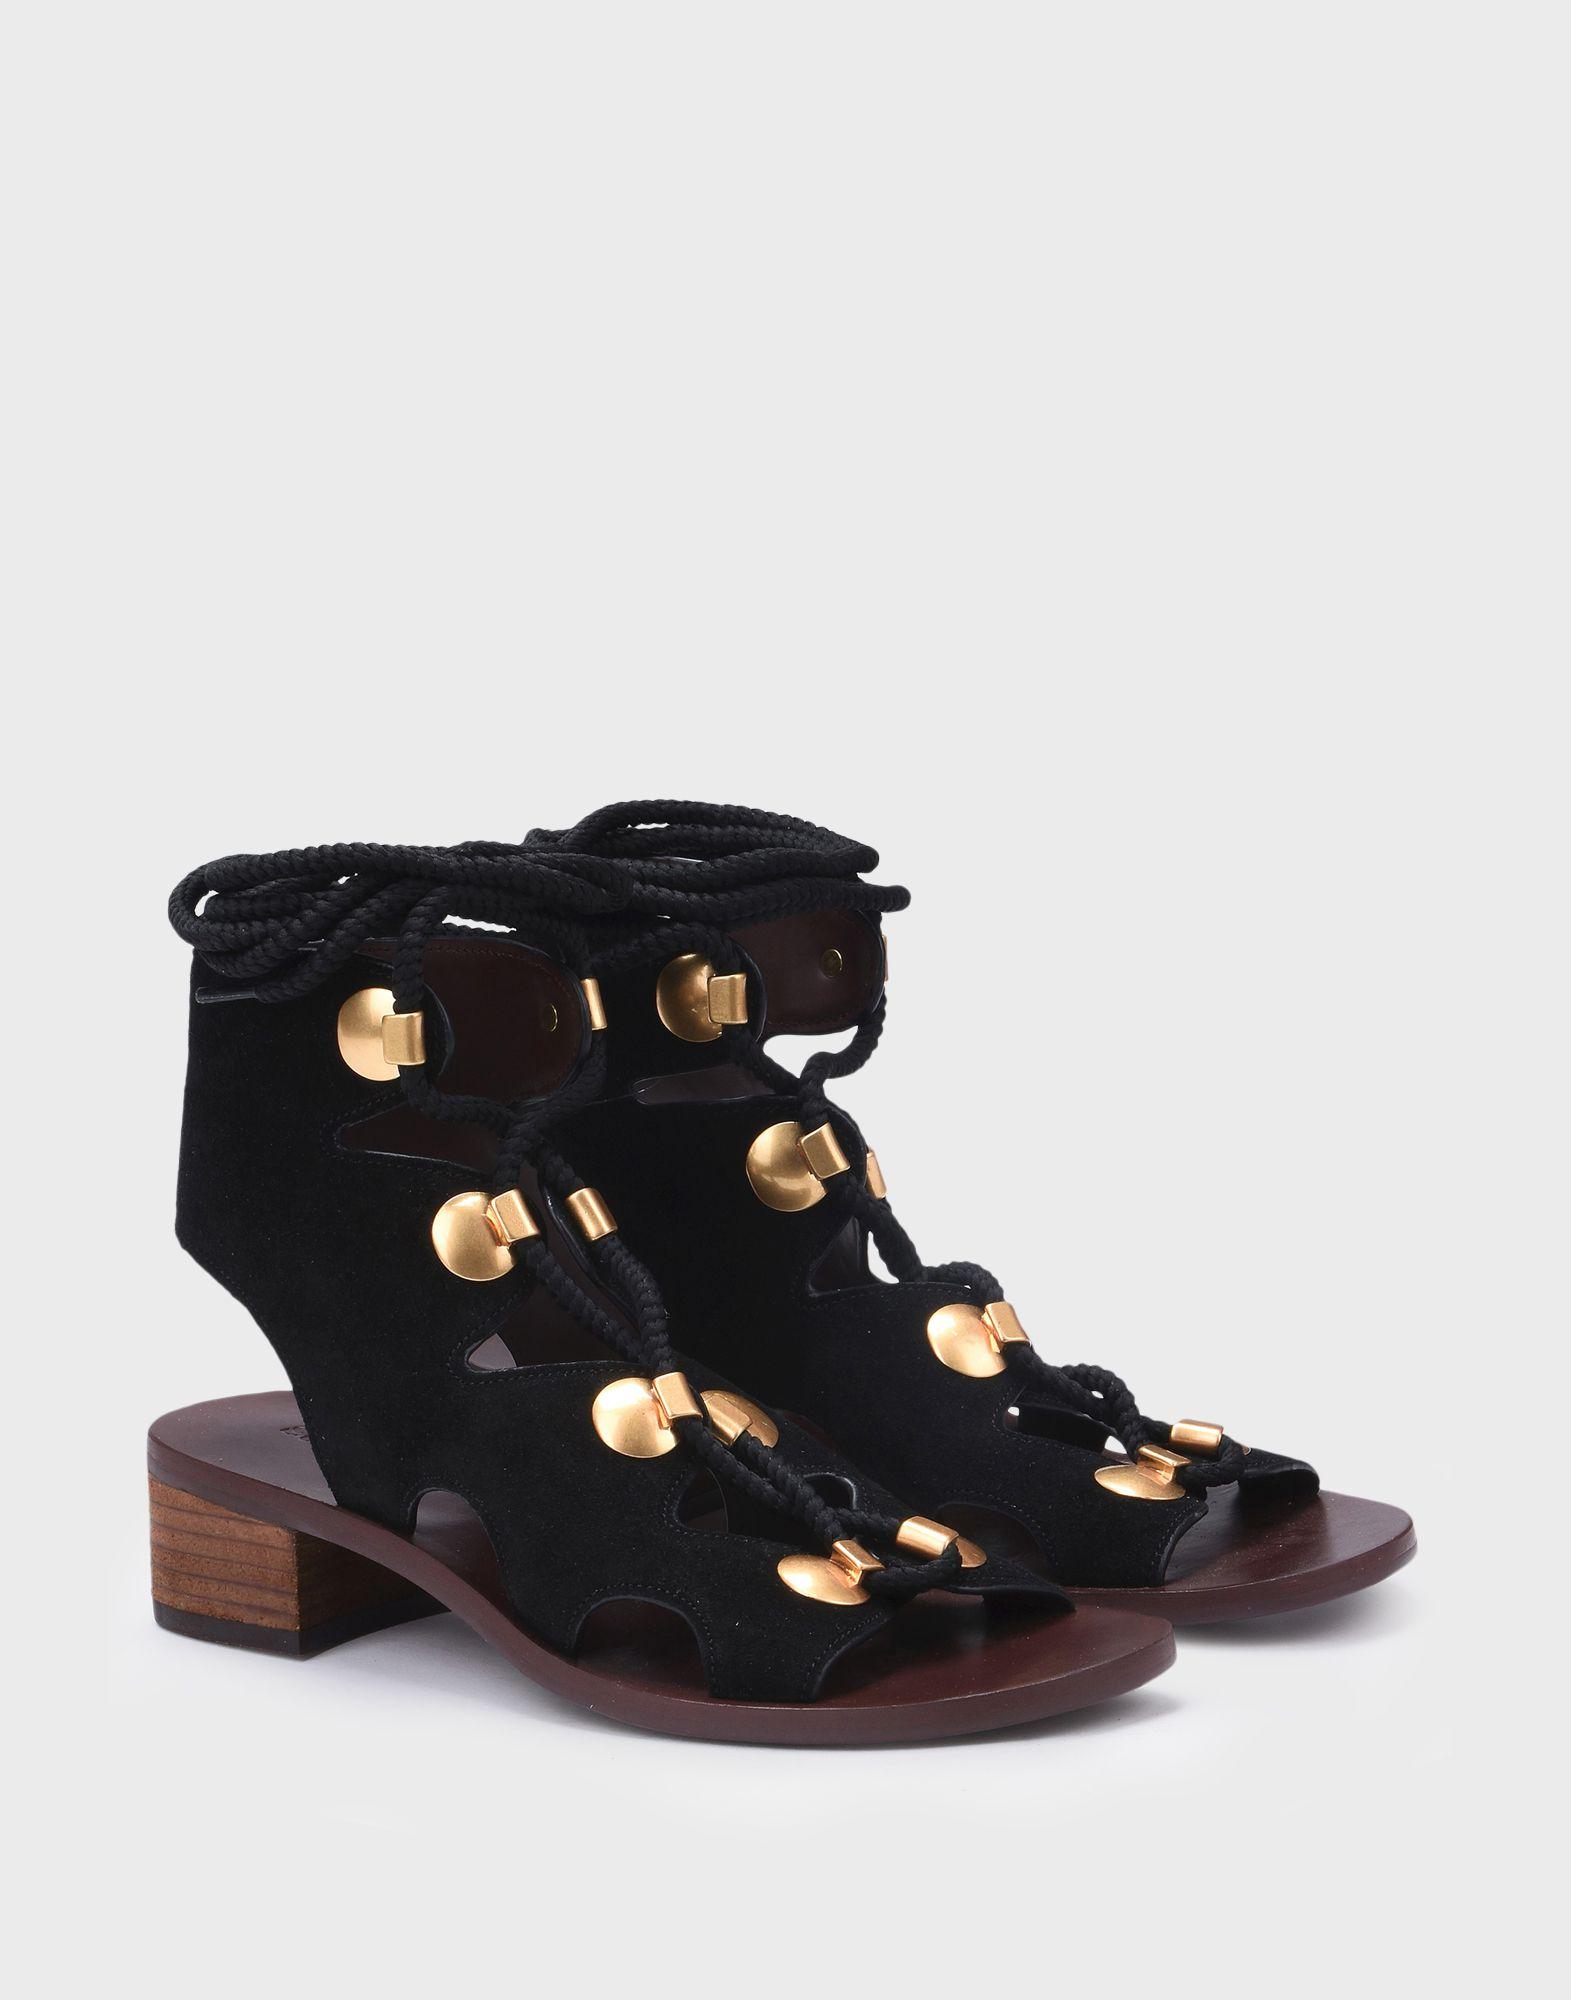 voir par chloé chloé chloé & # 233; sandales - femmes voir par chloé & # 233; sandales en ligne sur canada - 11380393ki 1cb430